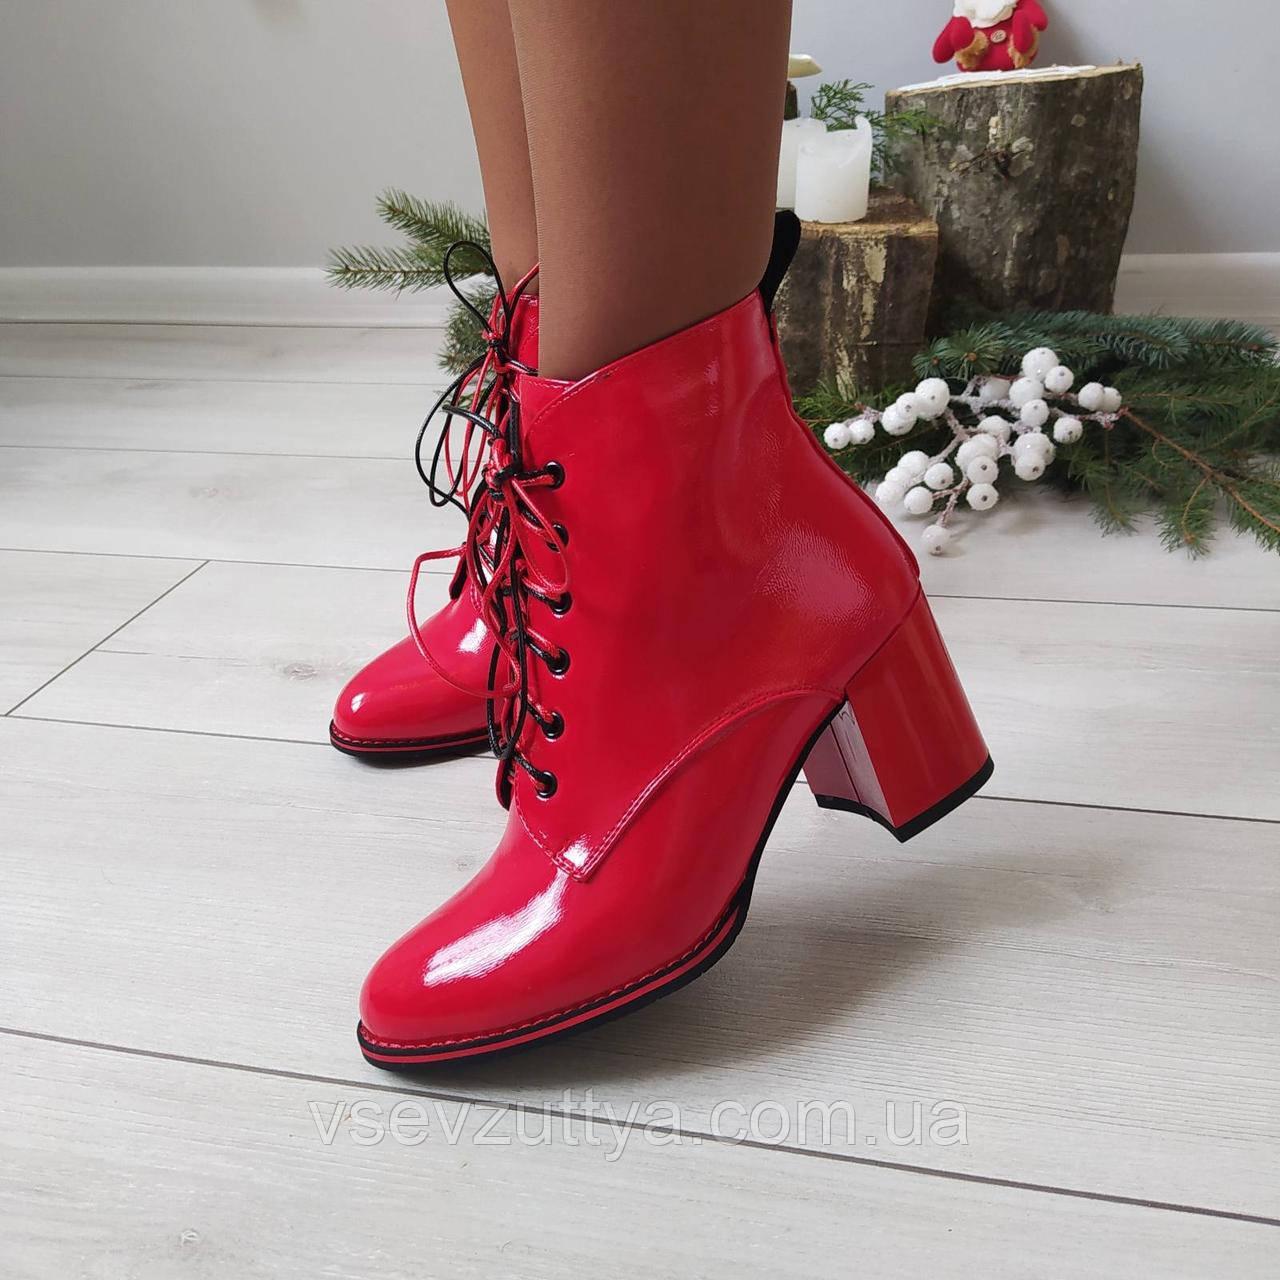 Ботинки женские демисезонные красные на каблуке лаковые экокожа